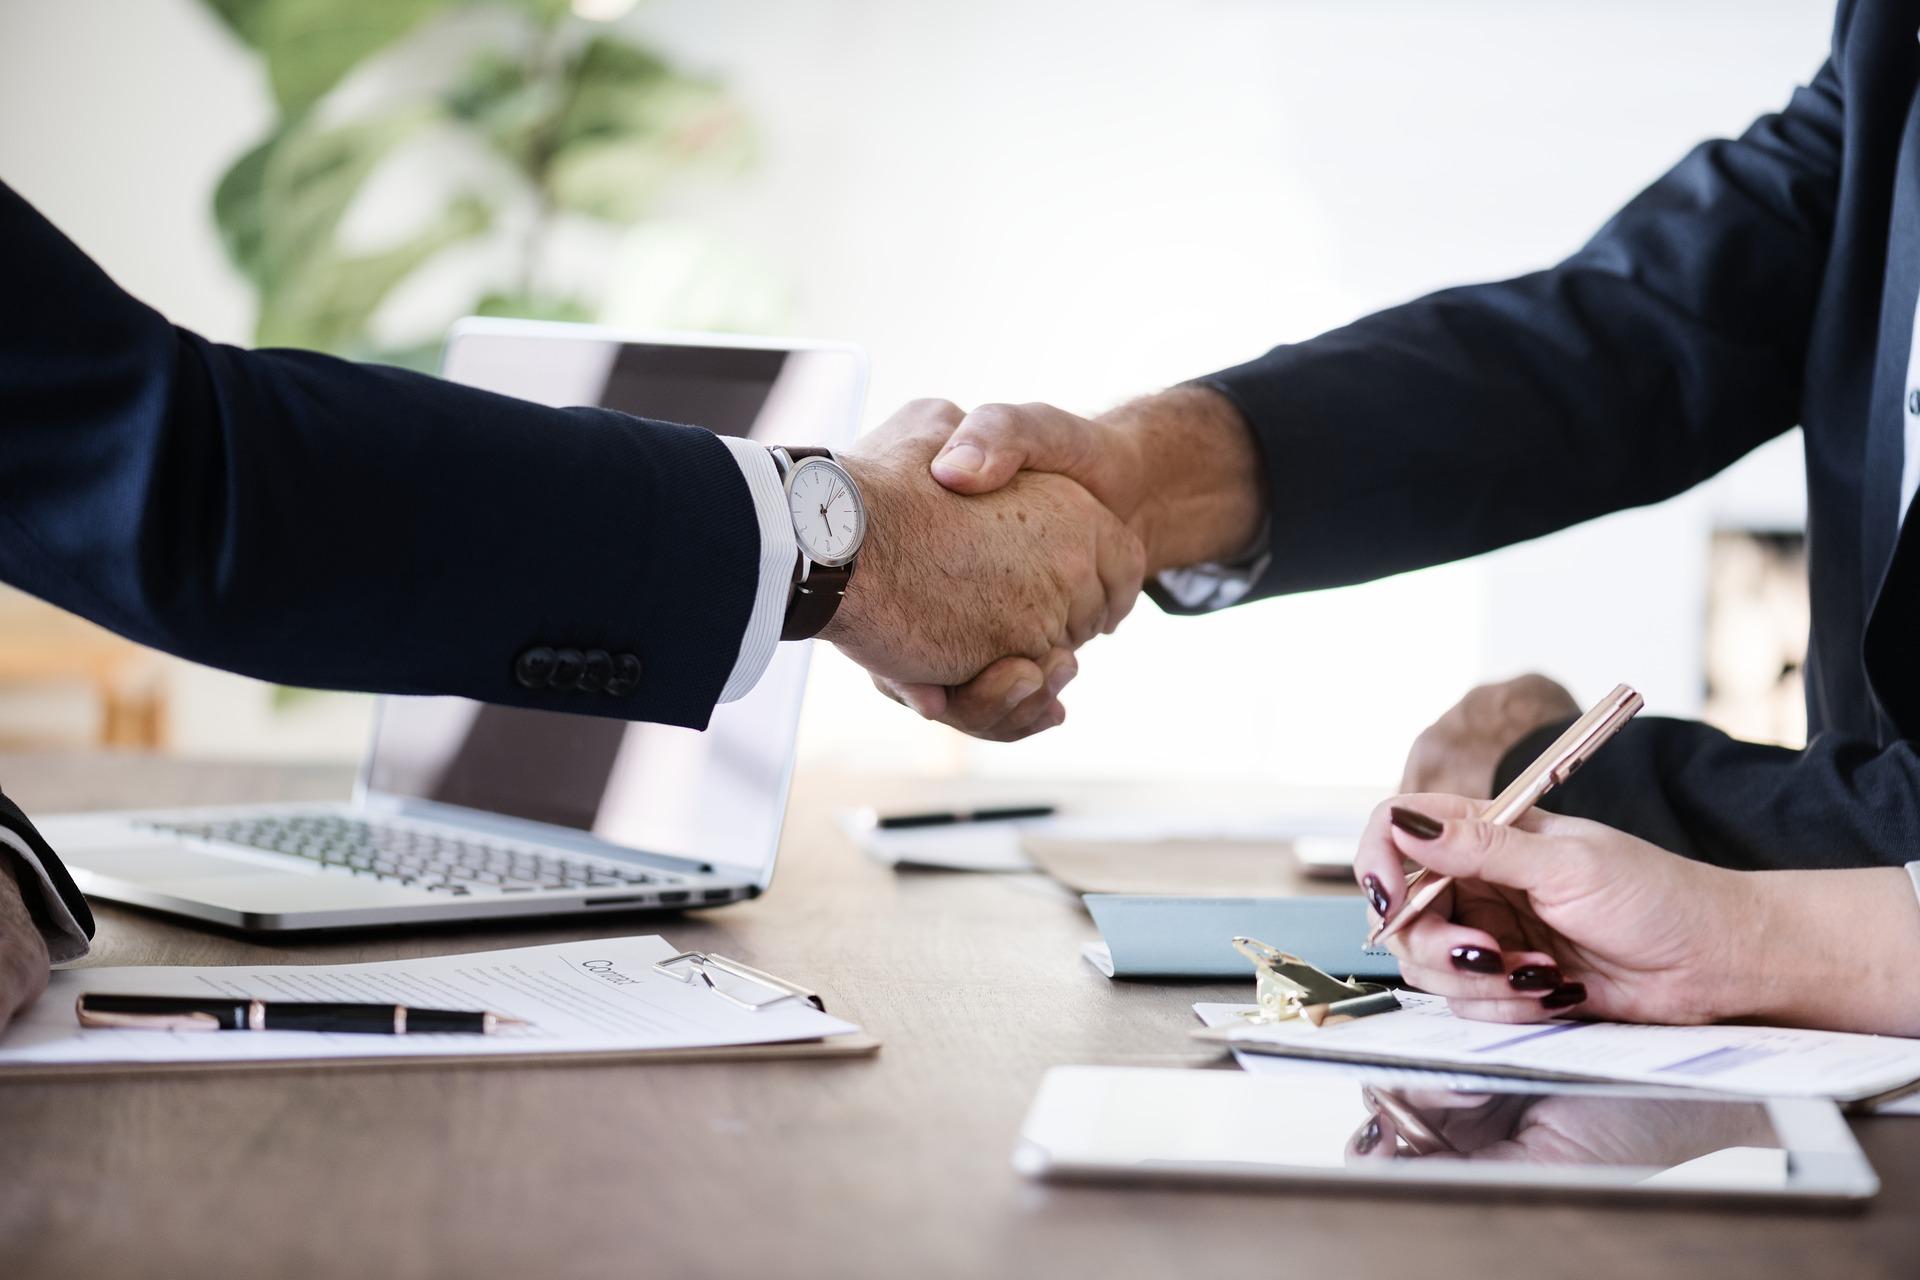 Reflexiones y afirmaciones para la venta de servicios profesionales